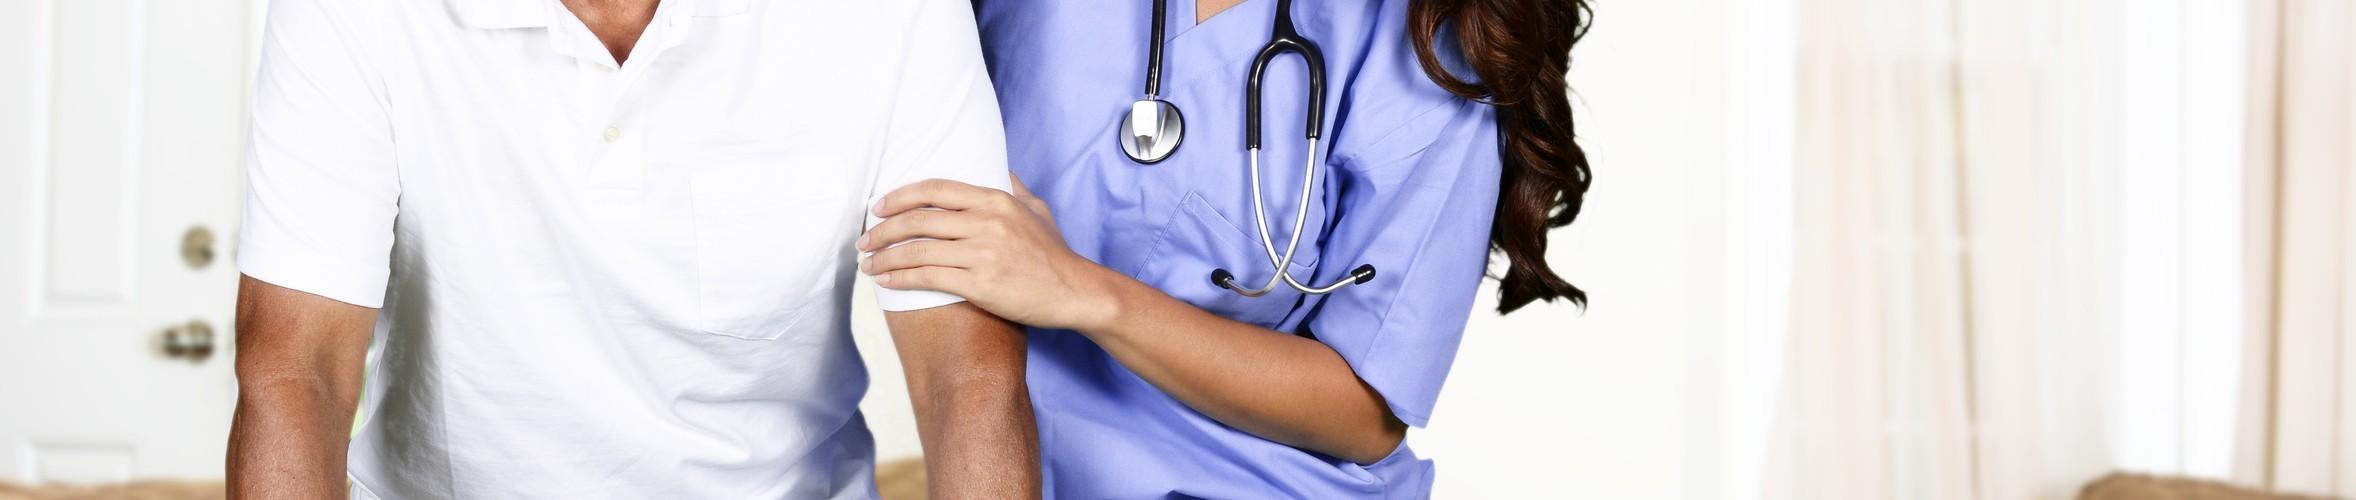 La paie et la gestion des temps dans le secteur médical et social